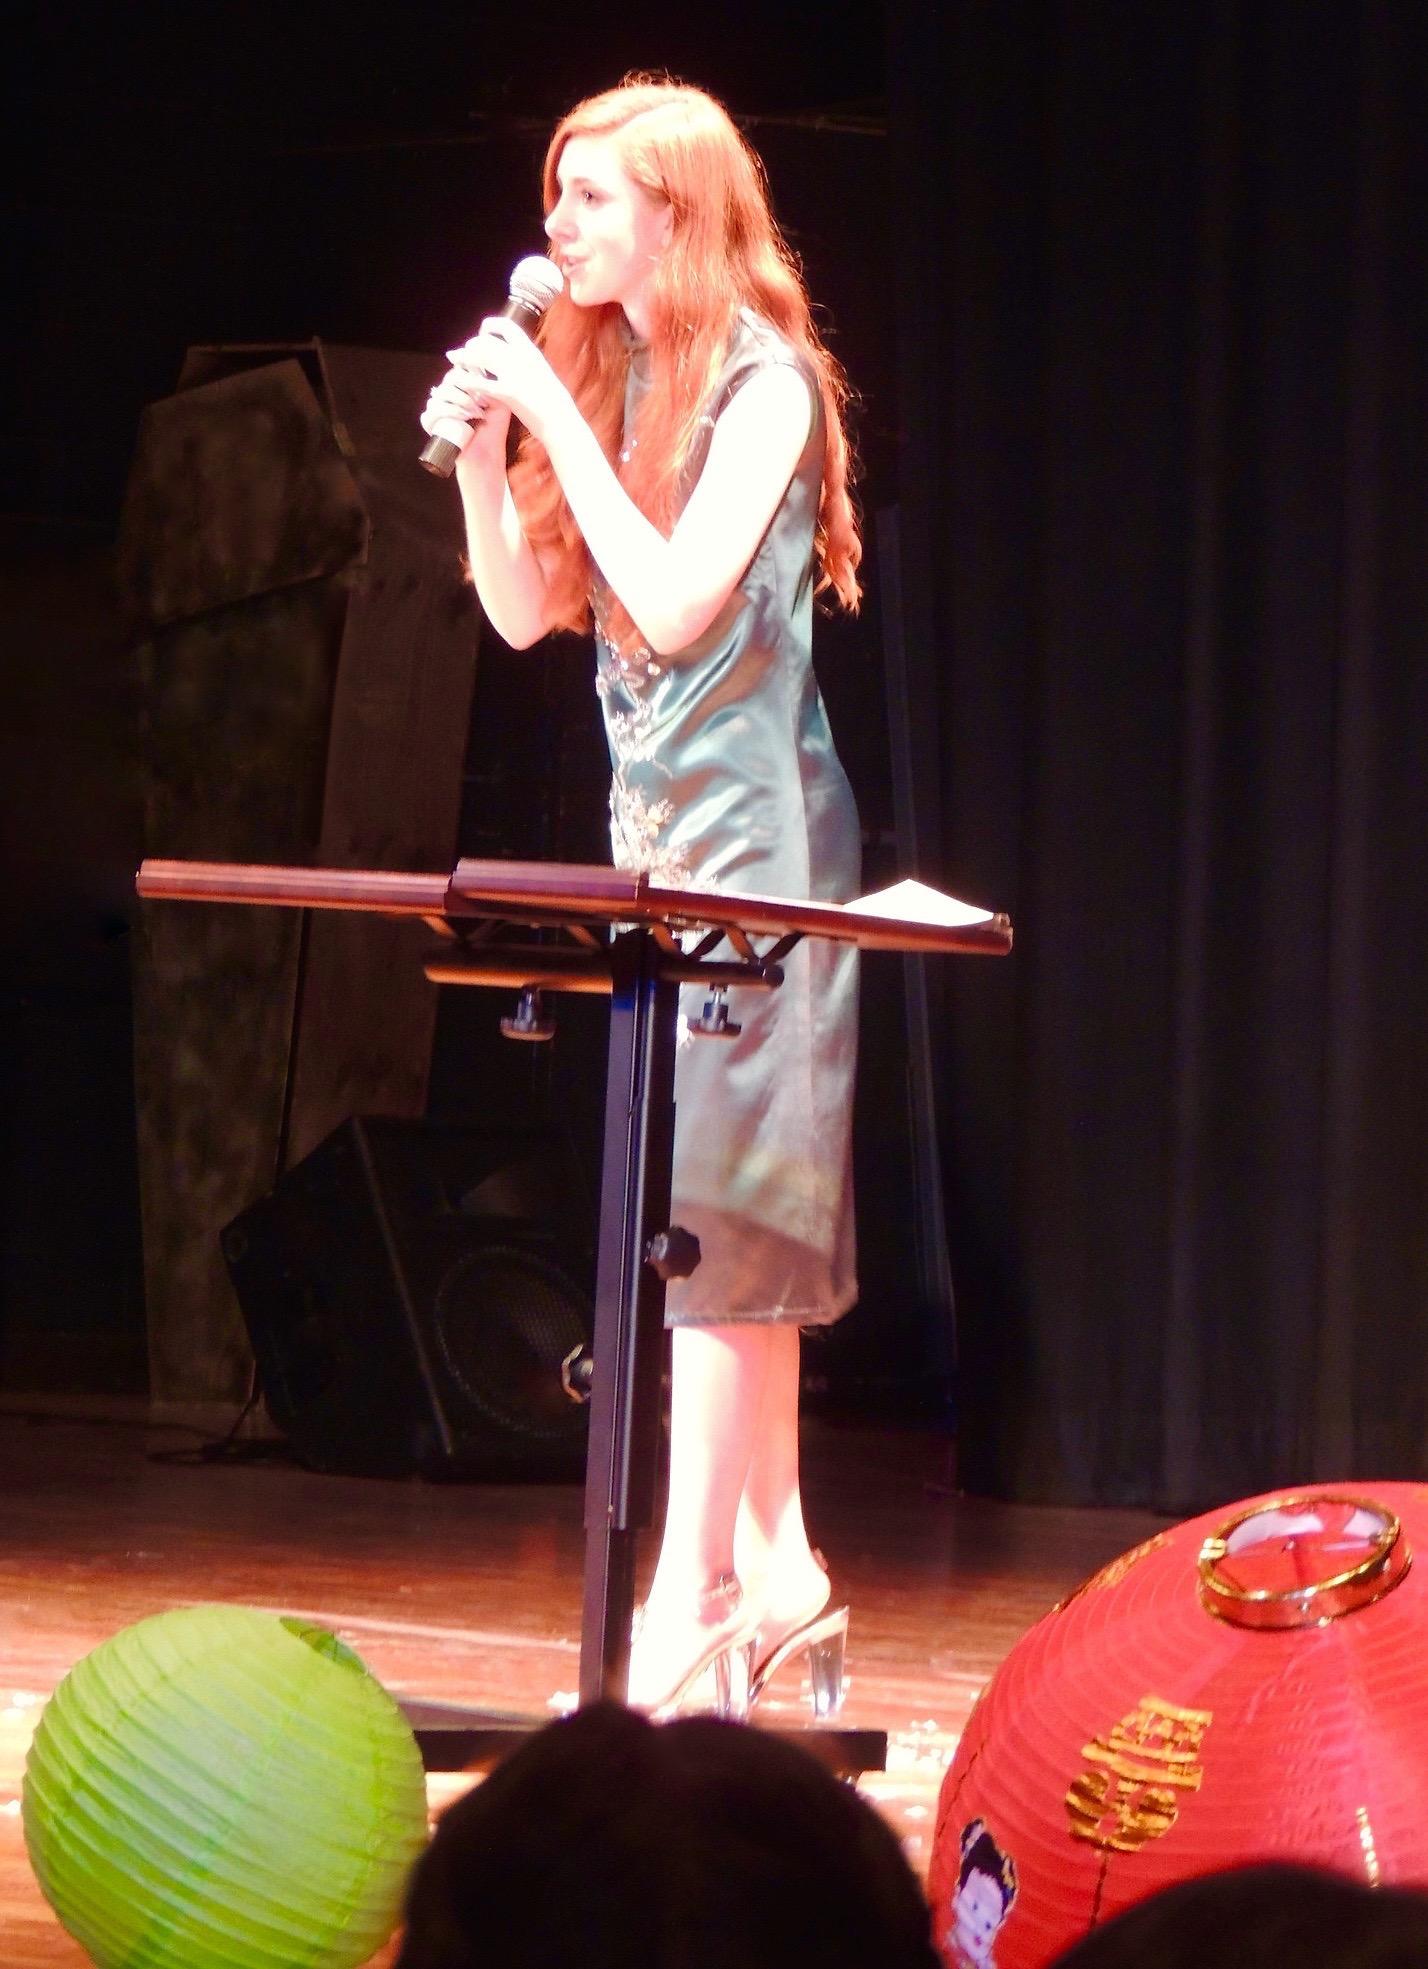 Fiona speaking in Mandarin @ Chinese New Year event